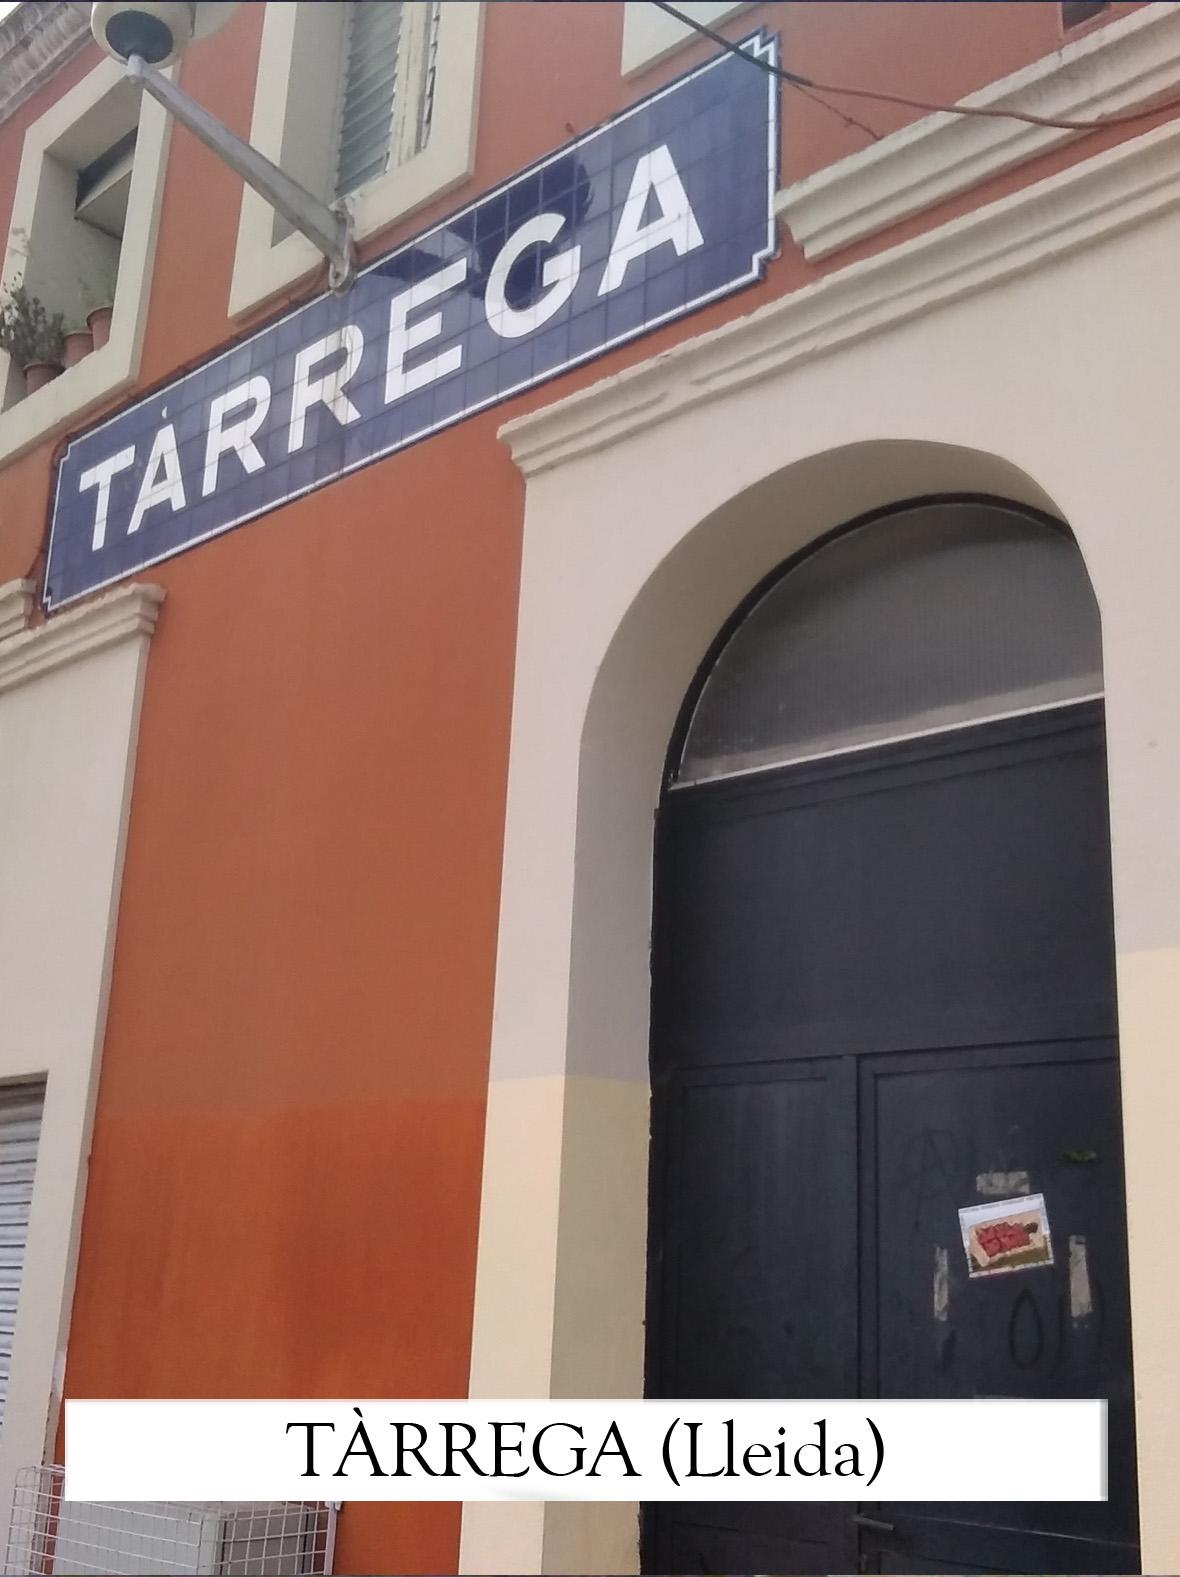 Pastora González Vieites, Xosé Tarrío. Tarrega (Lleida)